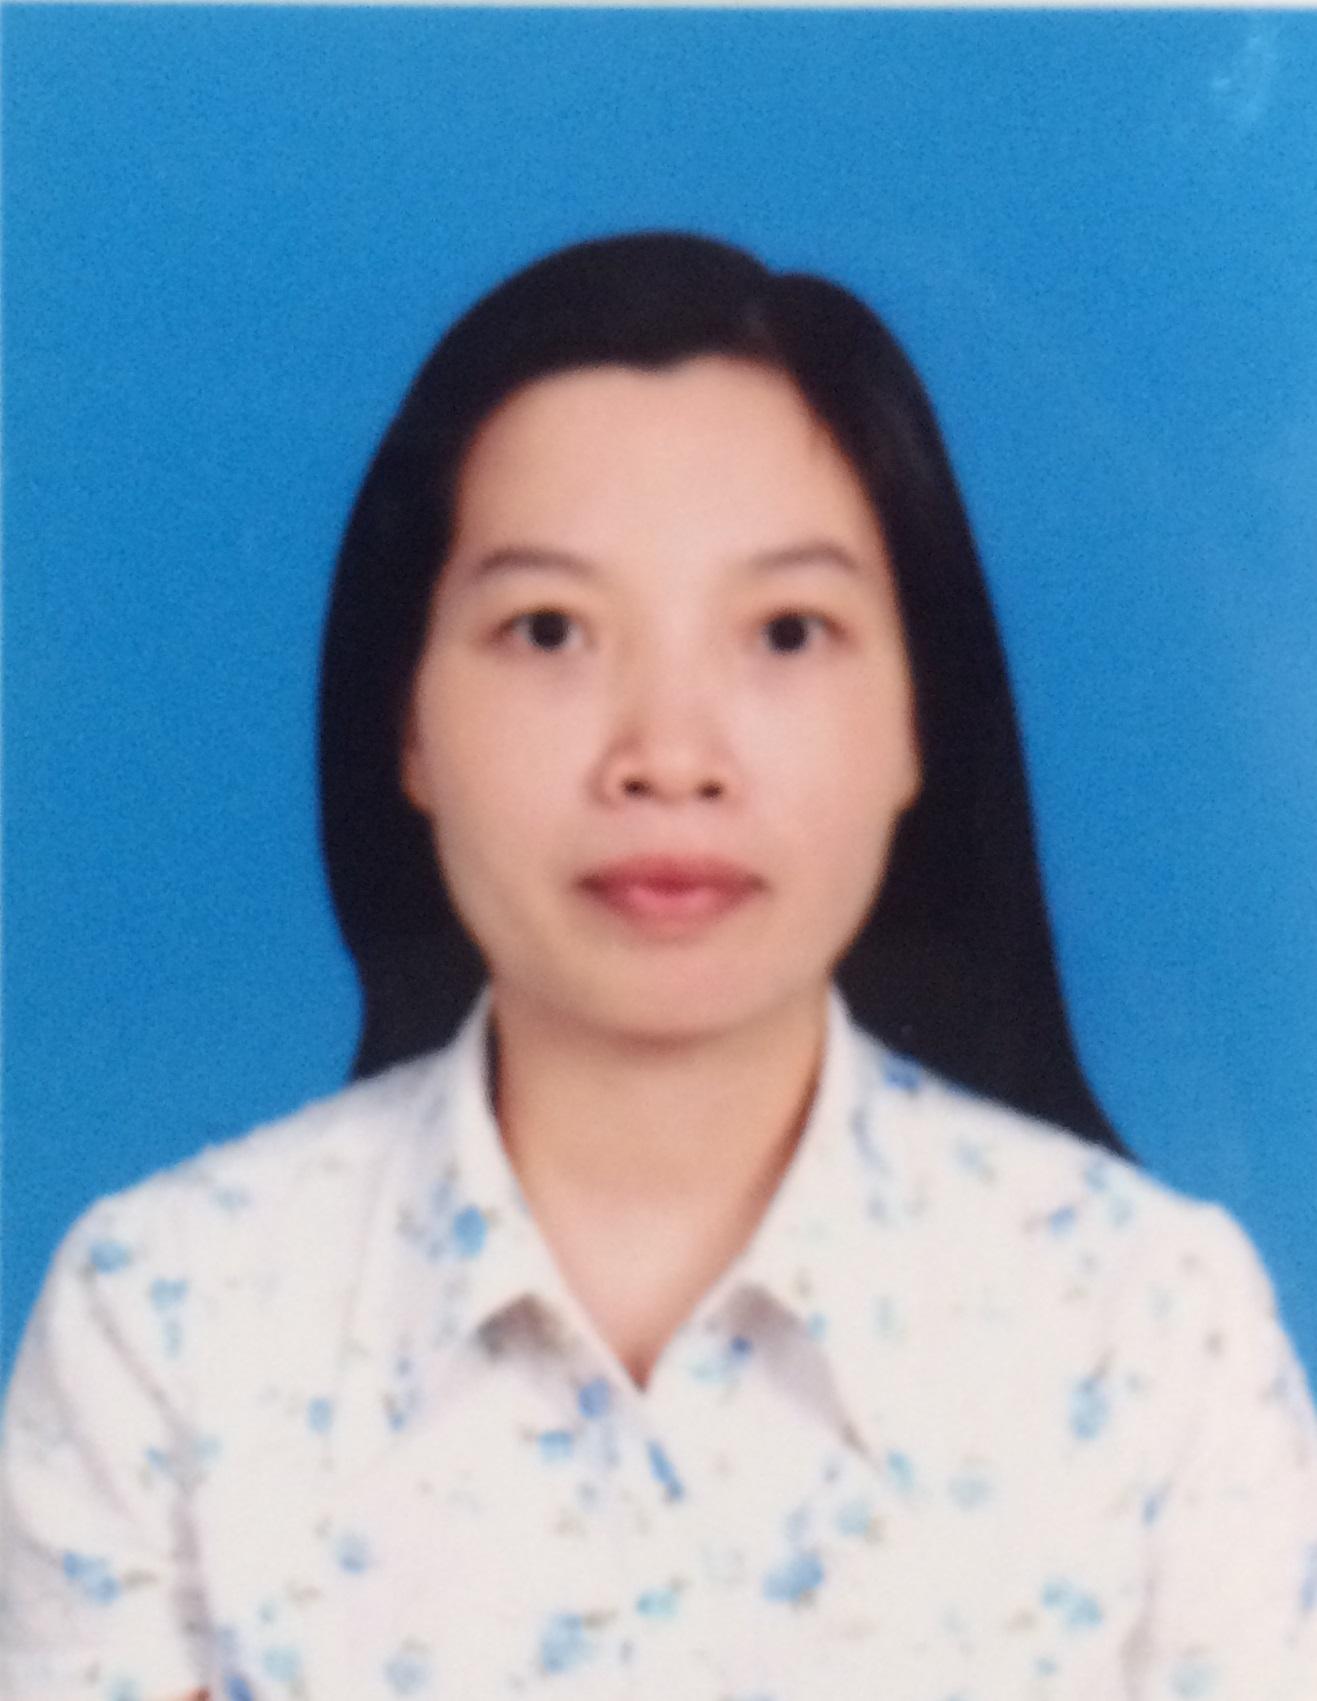 Phạm Thị Châu Giang